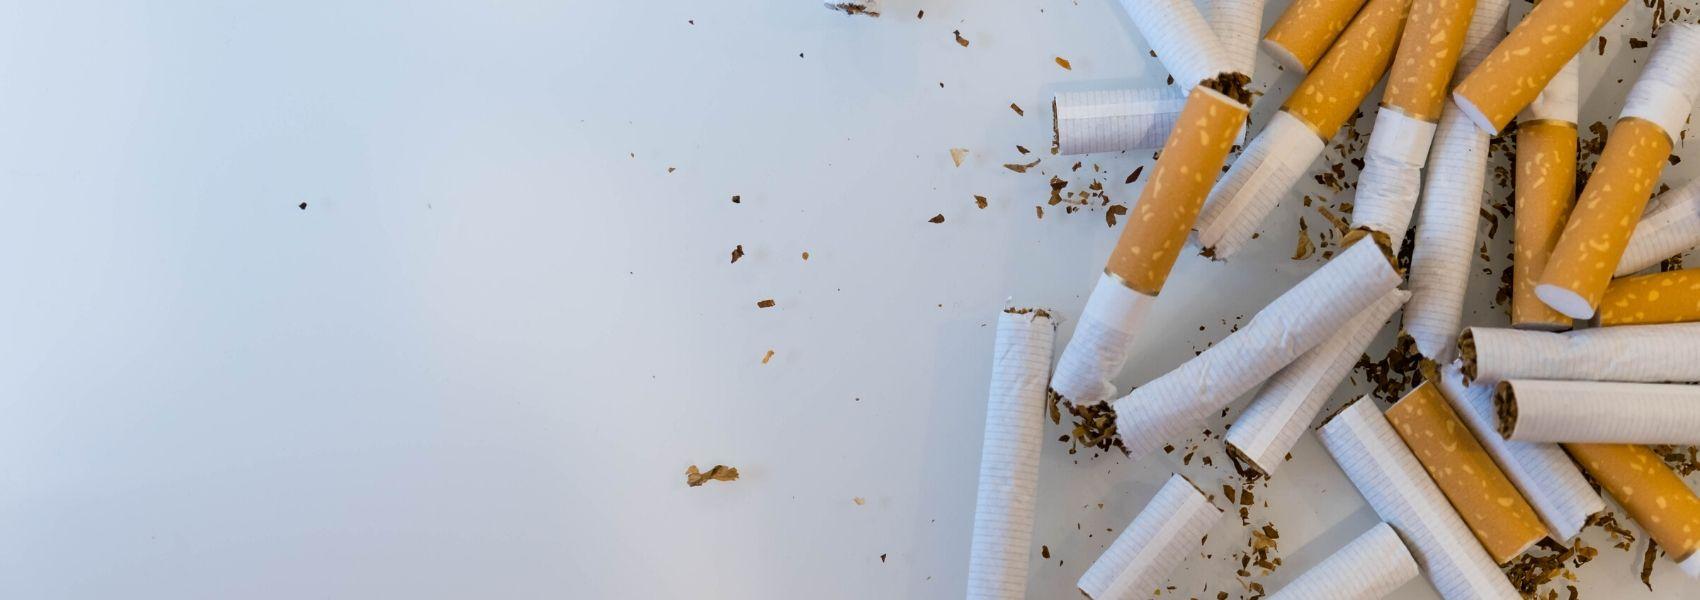 Não é só a saúde física: os cigarros prejudicam também a saúde mental